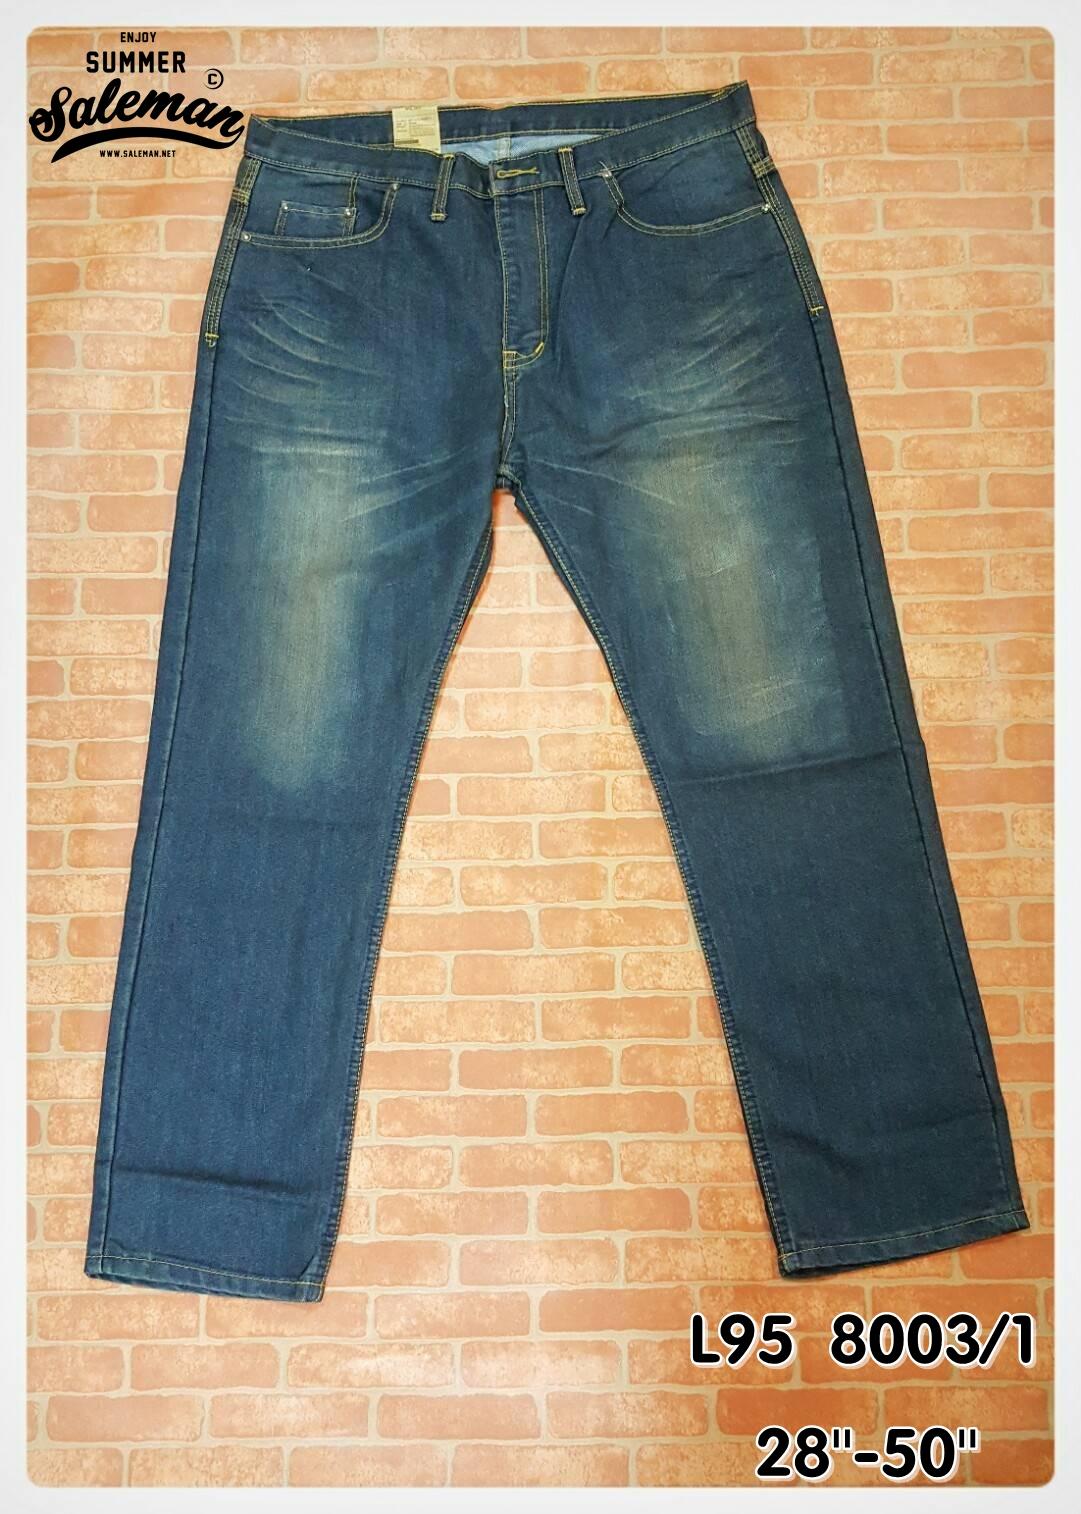 L95 8003/1 กางเกงยีนส์ขายาว ขายกางเกง กางเกงคนอ้วน เสื้อผ้าคนอ้วน กางเกงขายาว กางเกงเอวใหญ่